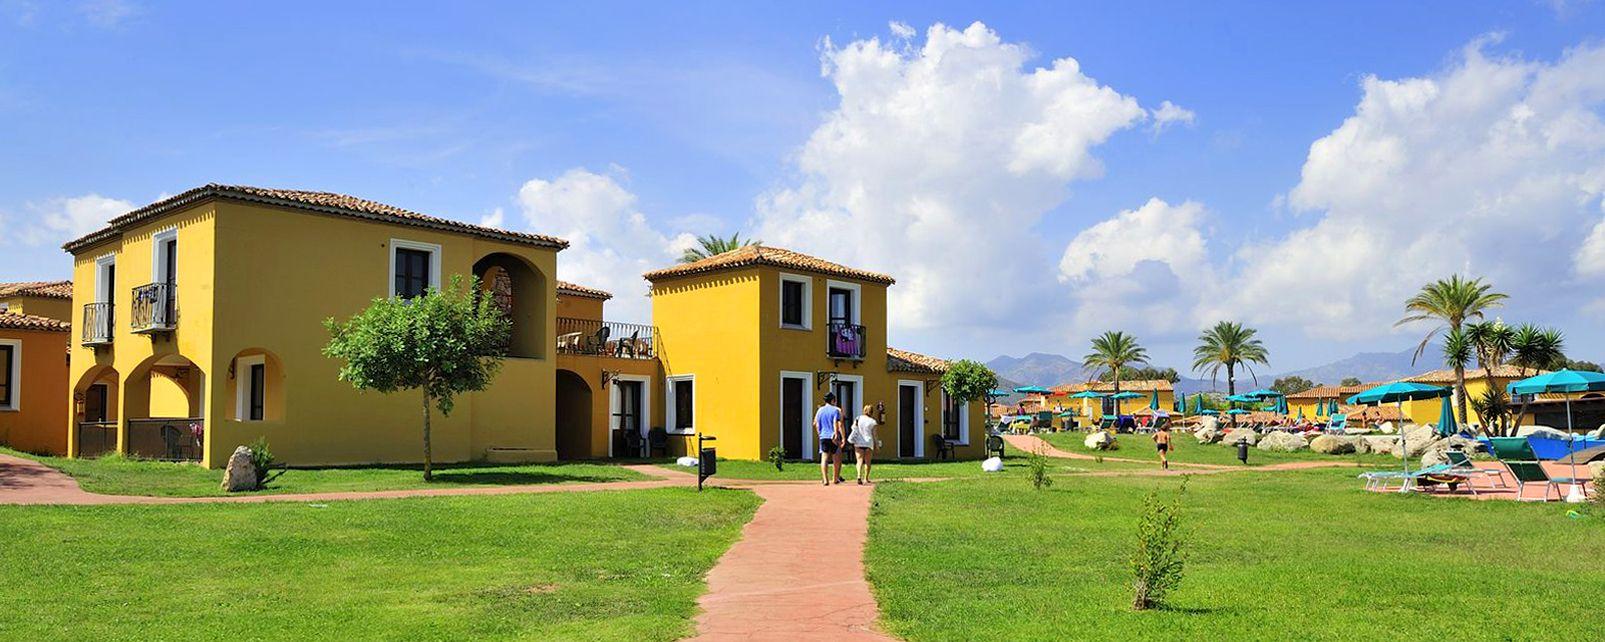 Hôtel Villagio Baia dei Pini